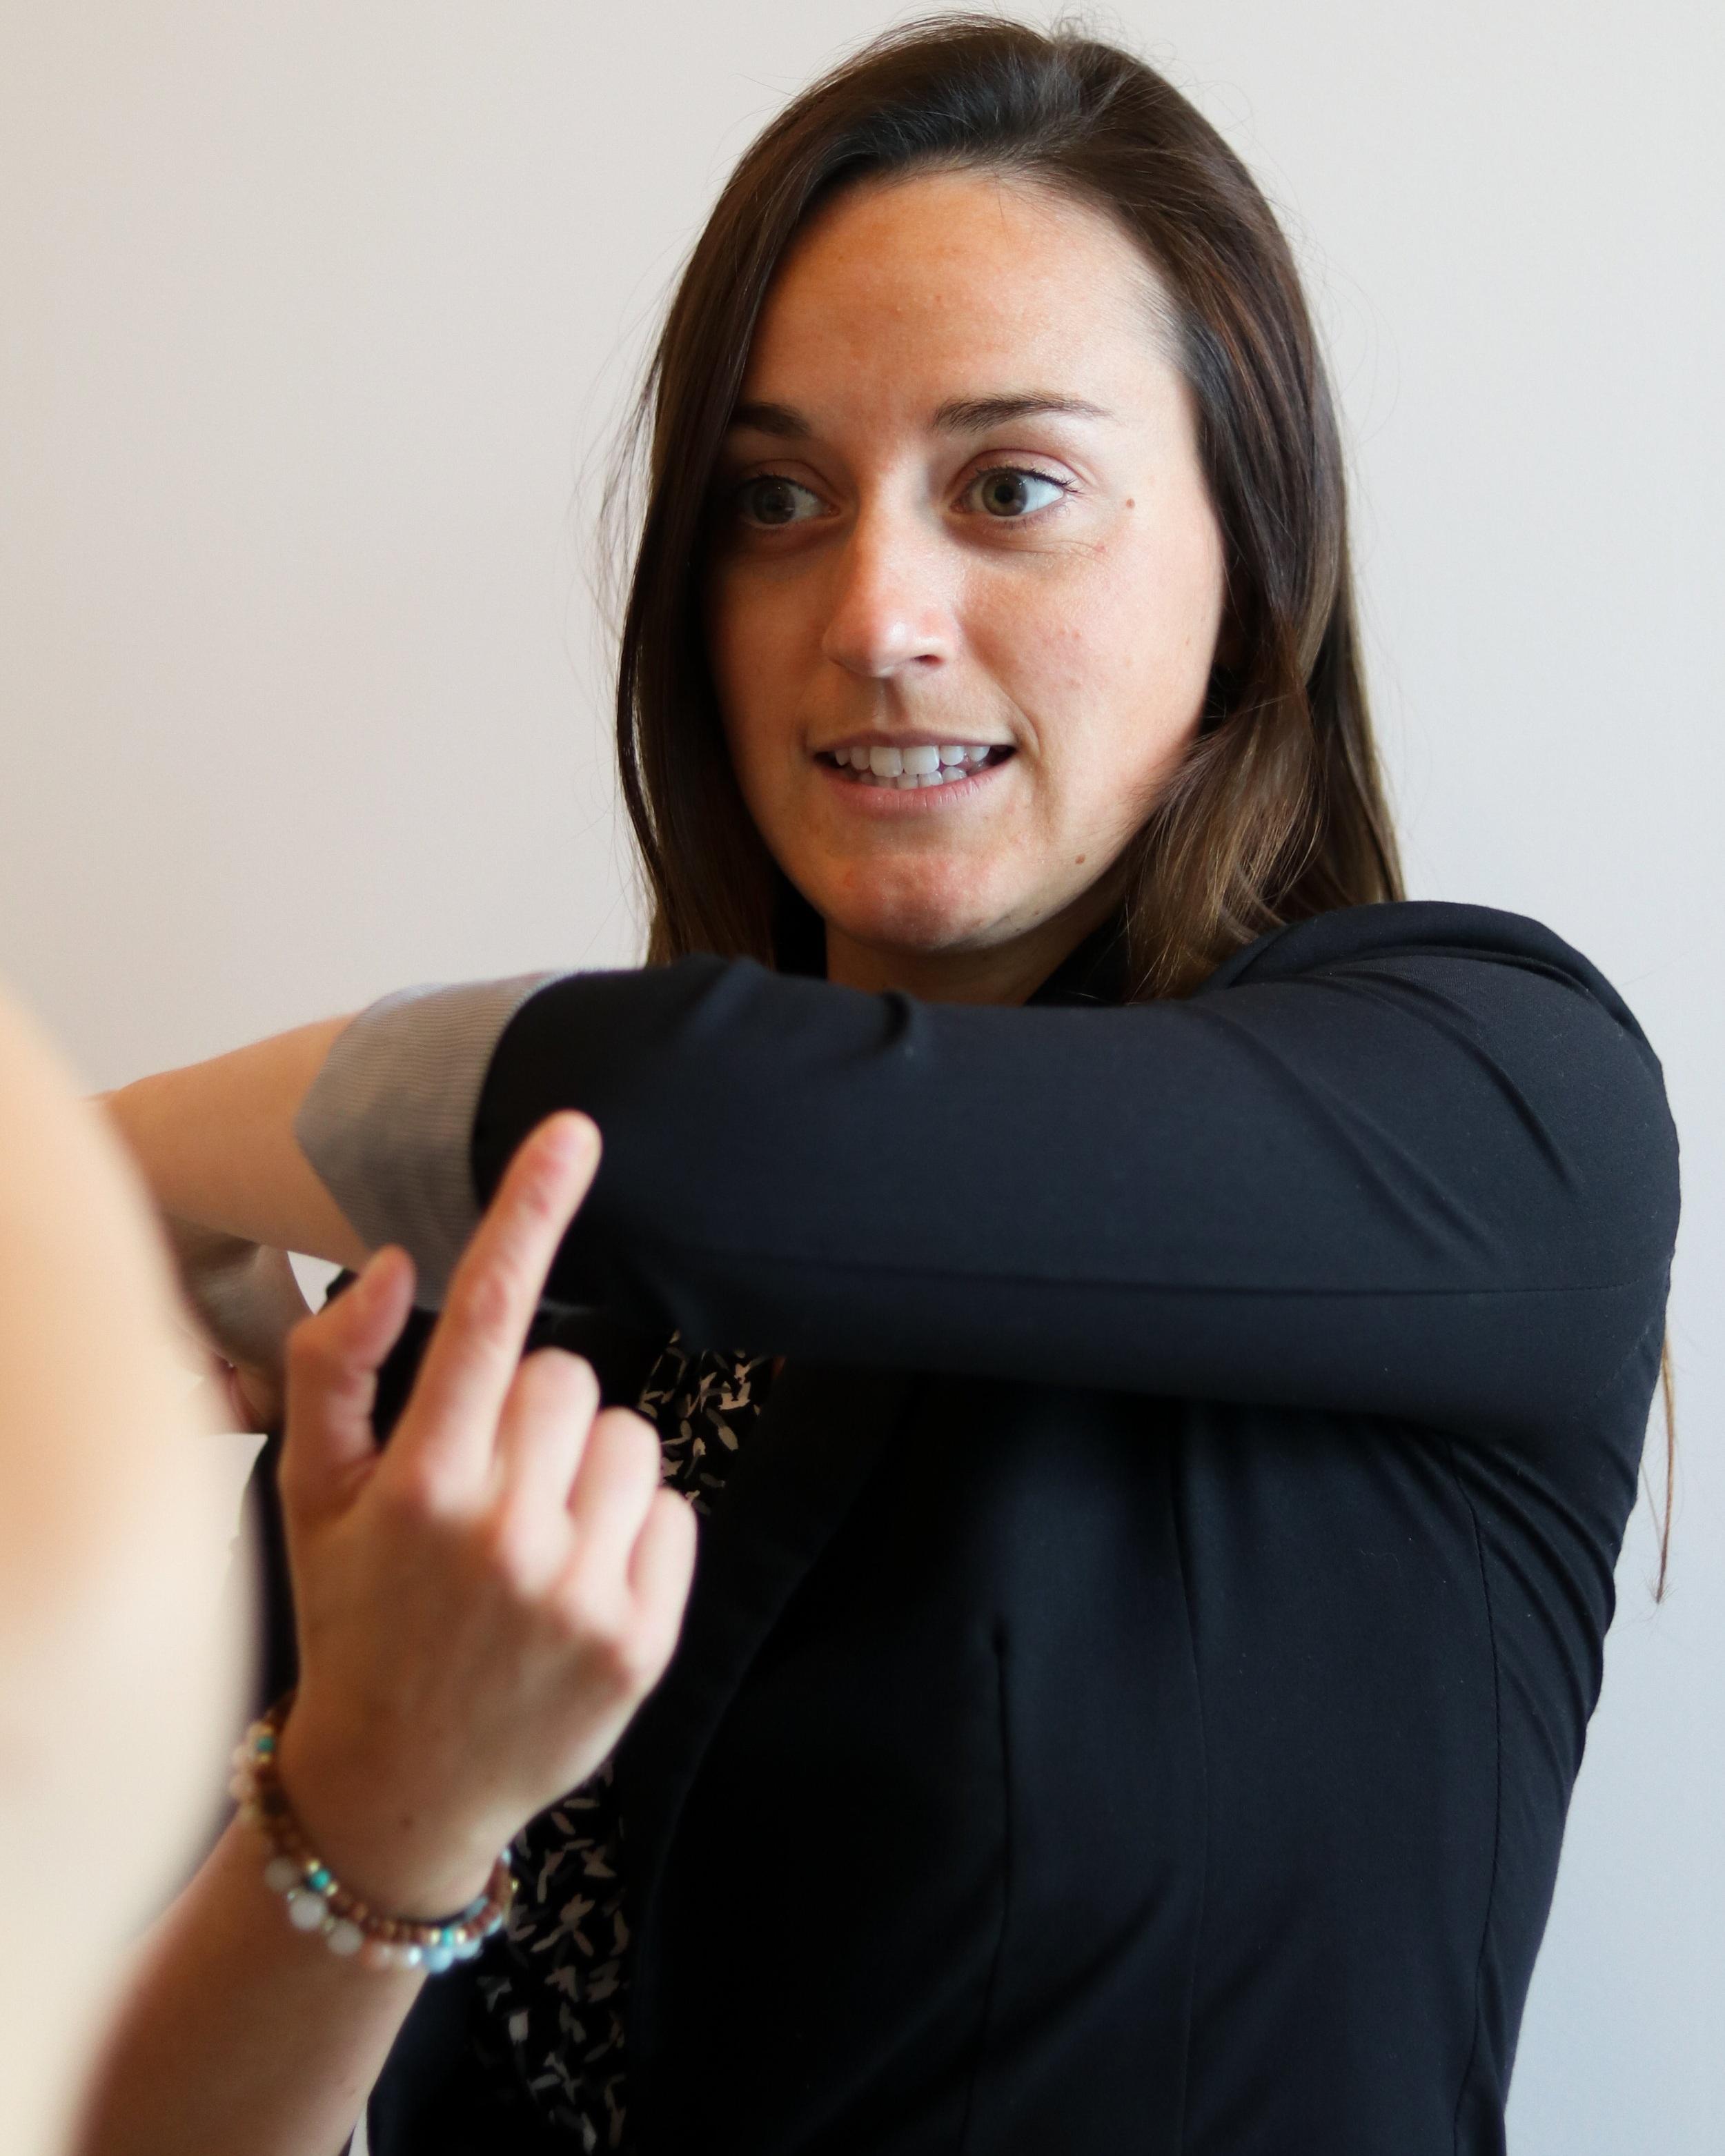 - Bianca Roy – Mathie est une Physiothérapeute motivé et entreprenante dans le domaine de la santé. Elle est spécialisée dans les blessures orthopédiques, commotions cérébrale, thérapie manuelle et prévention des blessures. Toujours déterminé de trouver la source de la douleur au niveau du système musculoskeletique, cette Physiothérapeute a graduée avec une Maitrise de l'Université McGill en 2014. Elle continue sa formation continue à travers L'AQPMO et l'OPPQ. Ca lui fera un grand plaisir de vous accueillir au Centre de Bien Être Évolution Iles-des-Sœurs.